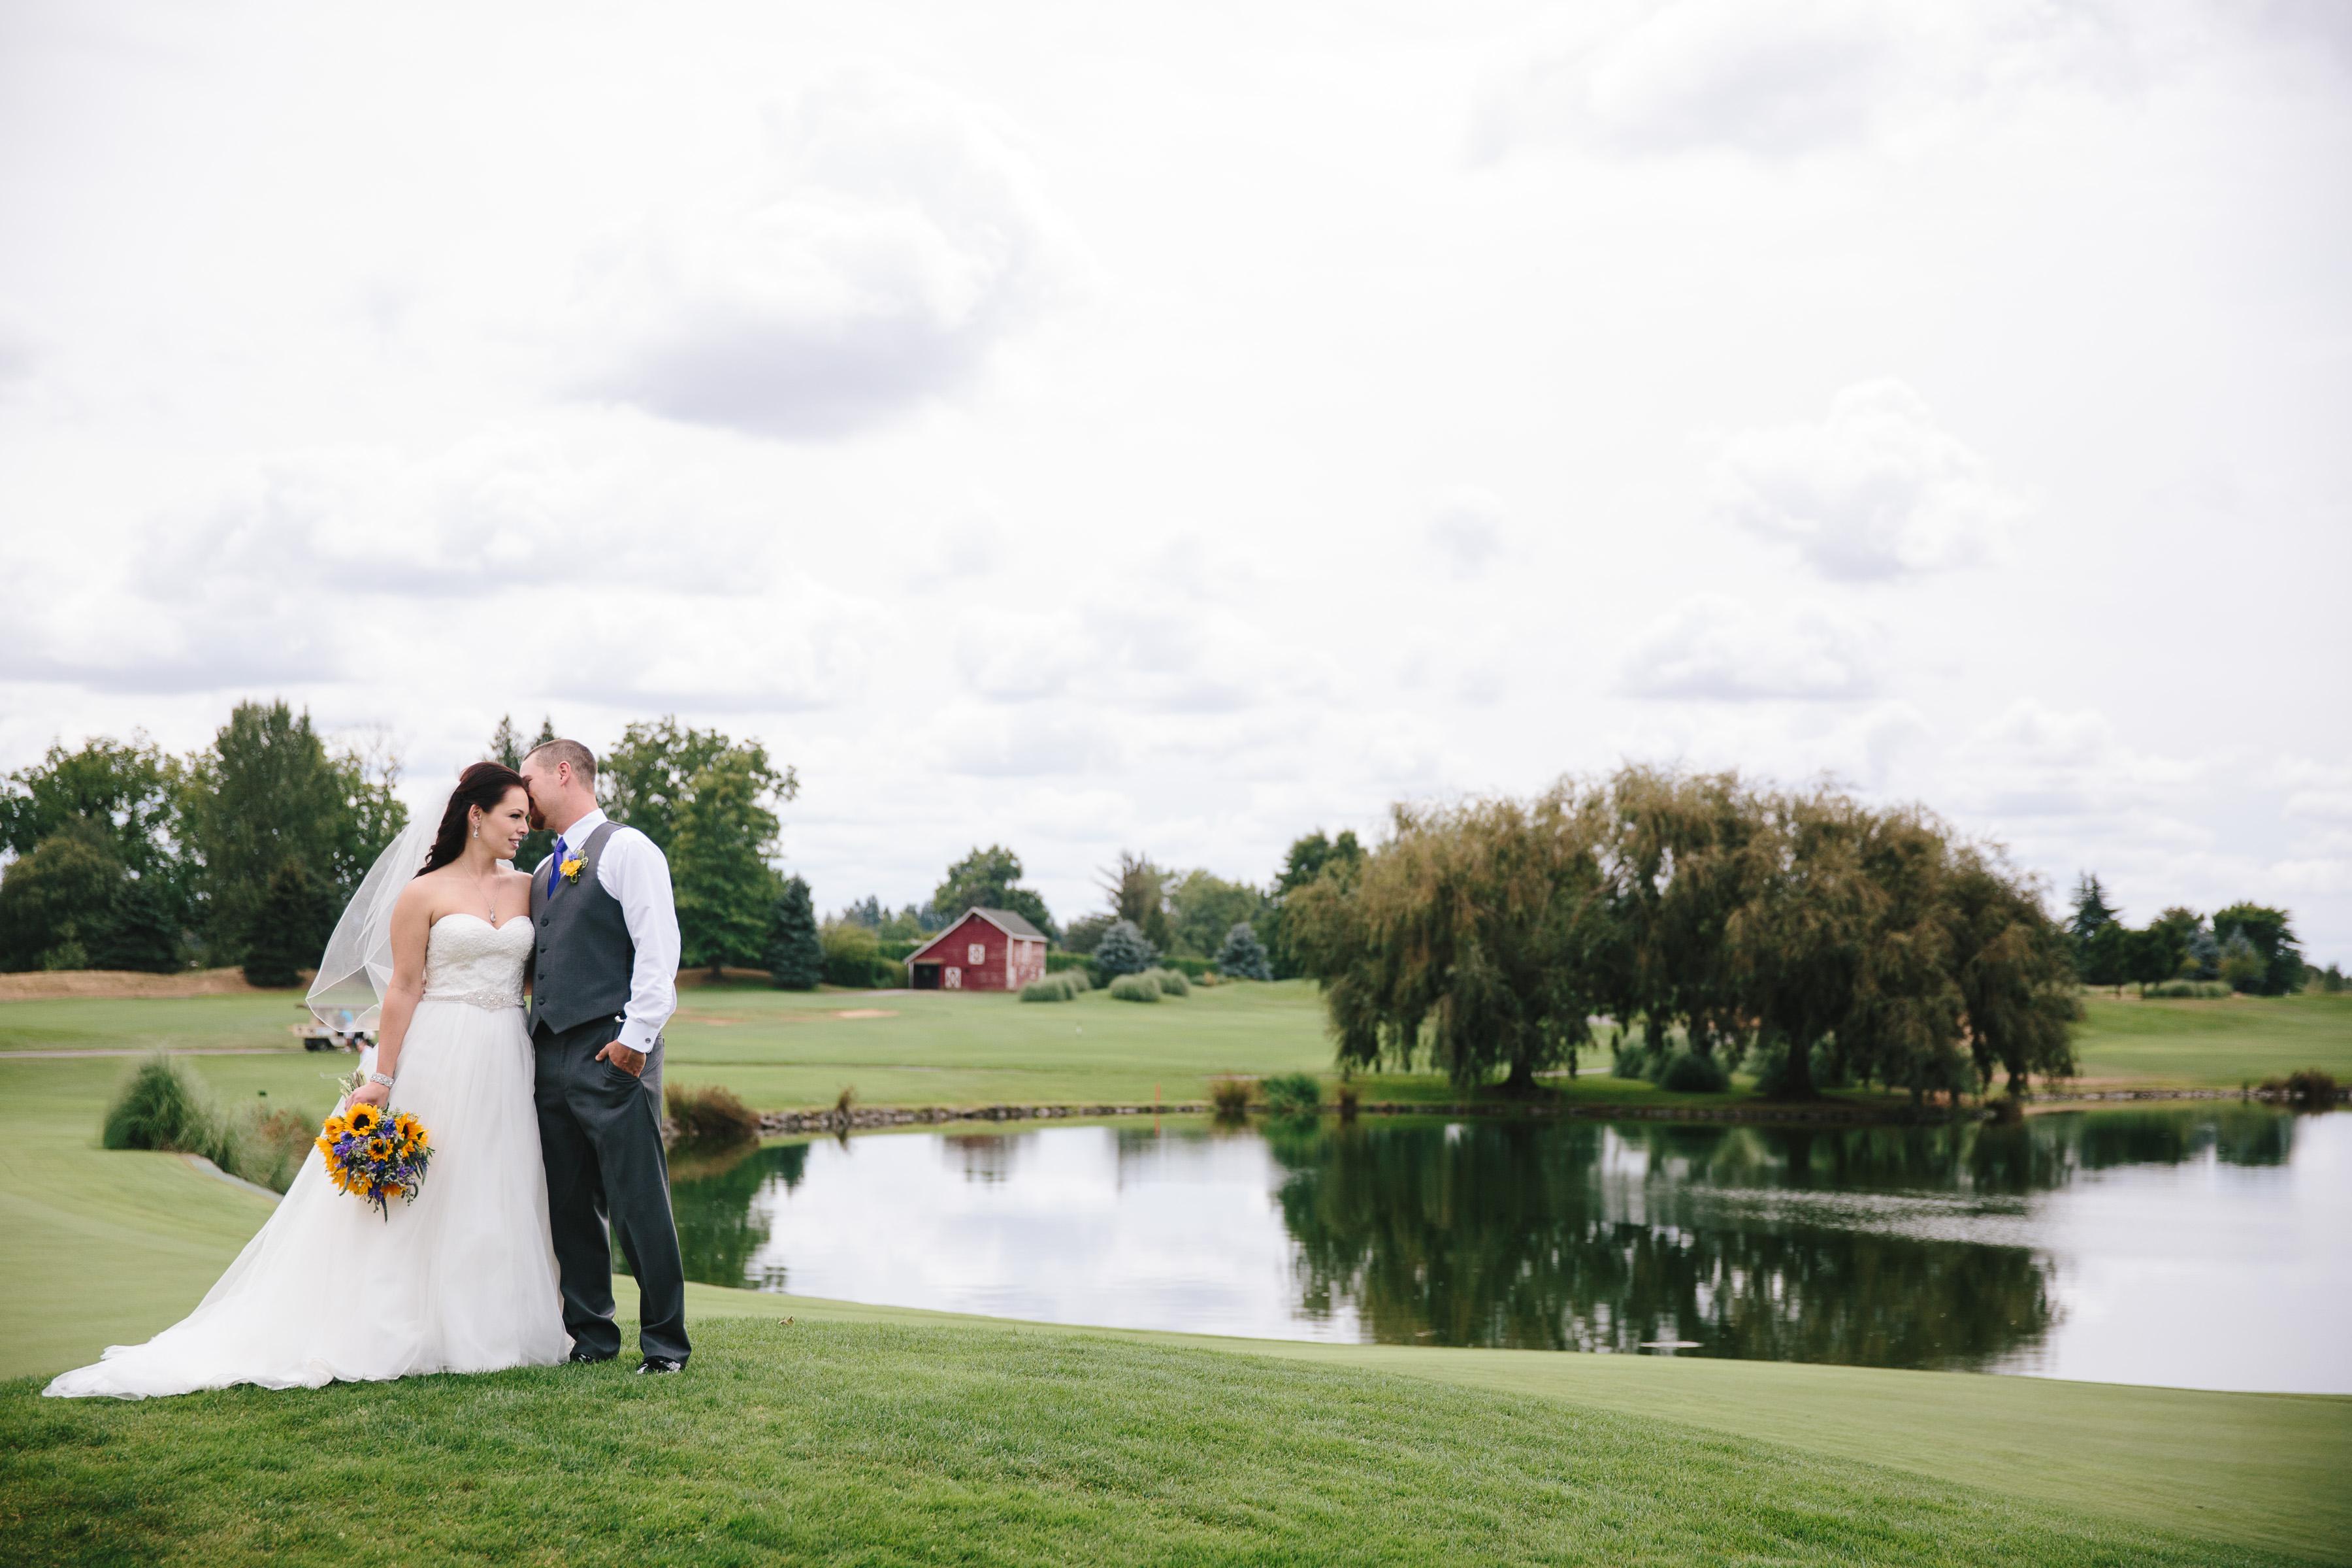 Portland Wedding Venues